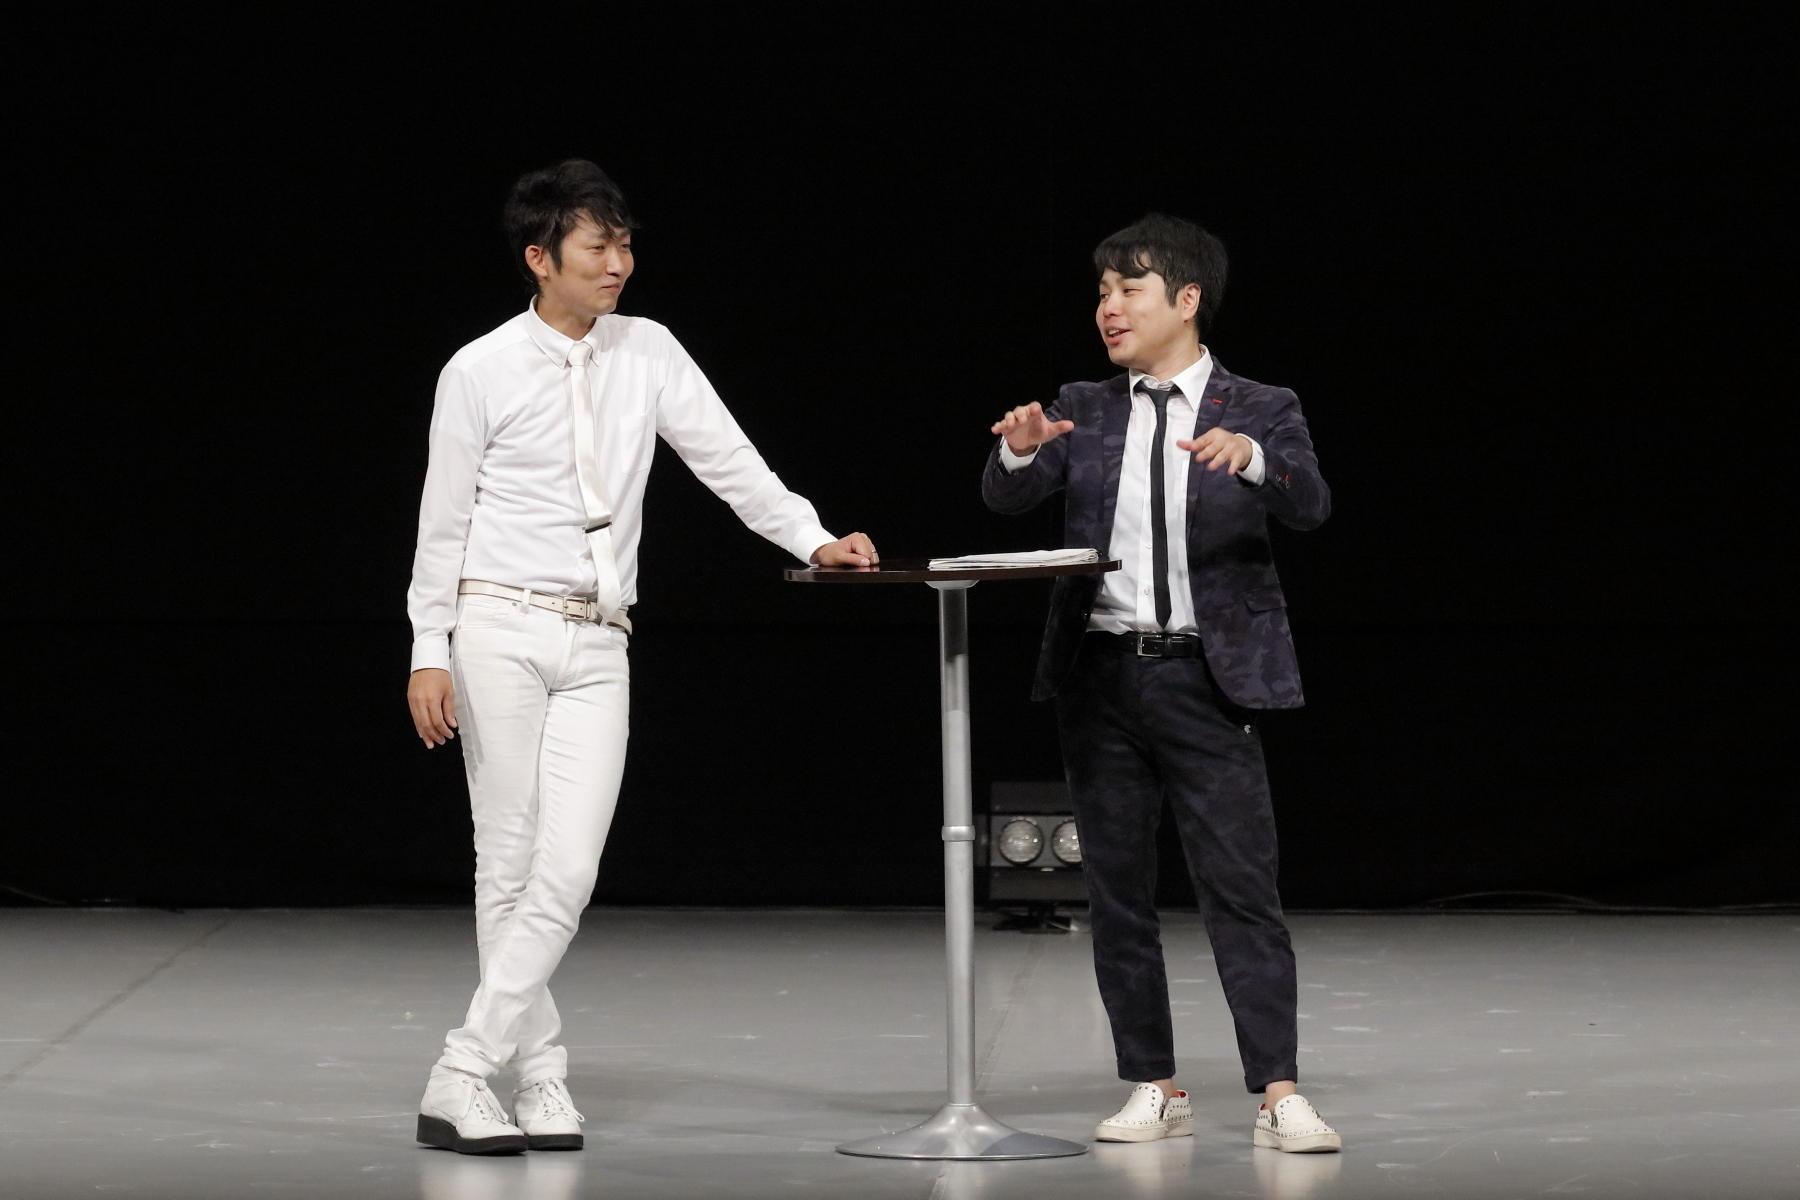 http://news.yoshimoto.co.jp/20171112125709-33be7a714a49912d846225d92ac8e6f1706cc89c.jpg